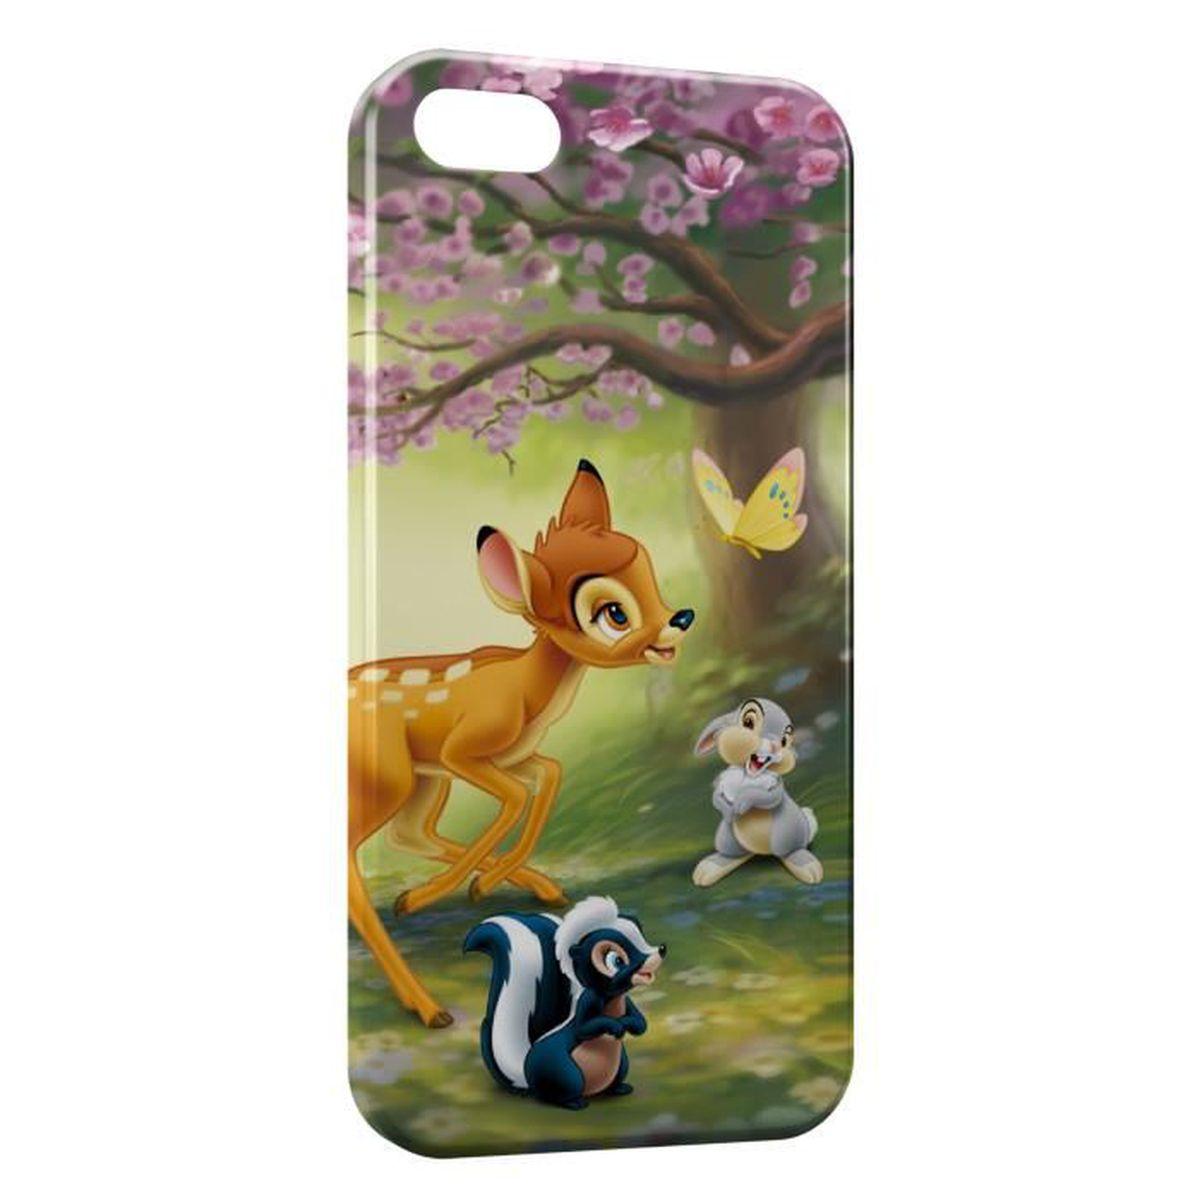 Coque iPhone 5 & 5S Bambi Panpan Fleur Papillon - Cdiscount Téléphonie